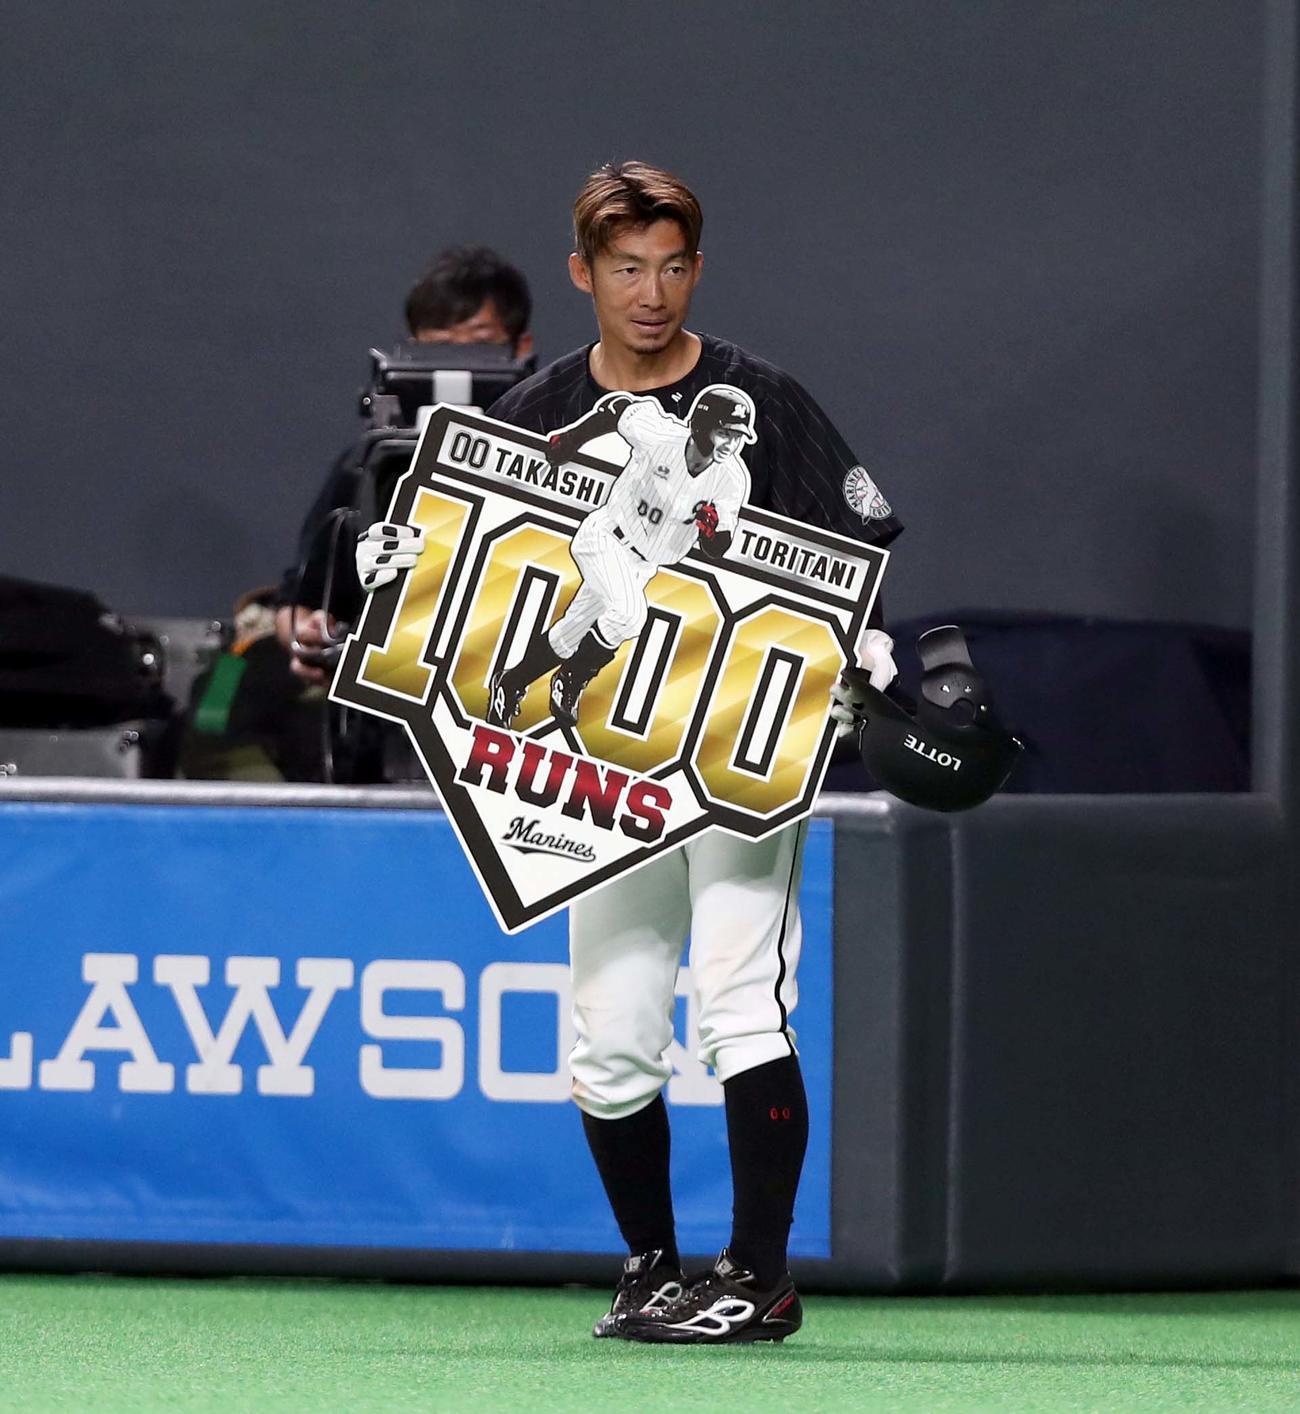 ロッテ鳥谷が1000得点「いろんな人のおかげ」 - プロ野球 : 日刊スポーツ